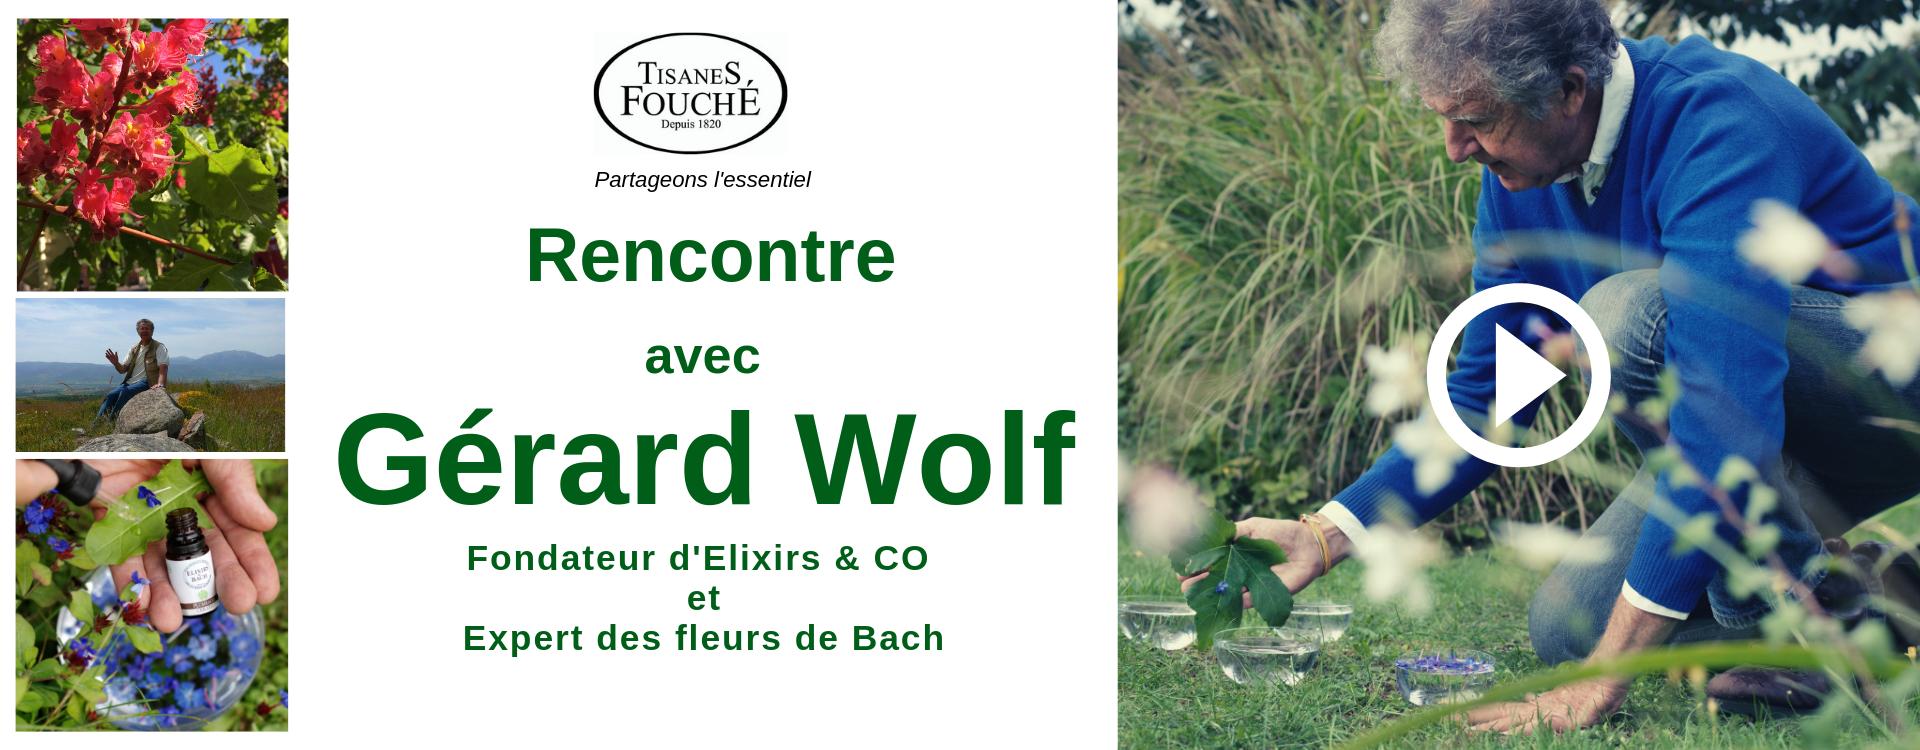 A la rencontre de Gérard Wolf, fondateur d'Elixirs & CO et expert reconnu des fleurs de Bach